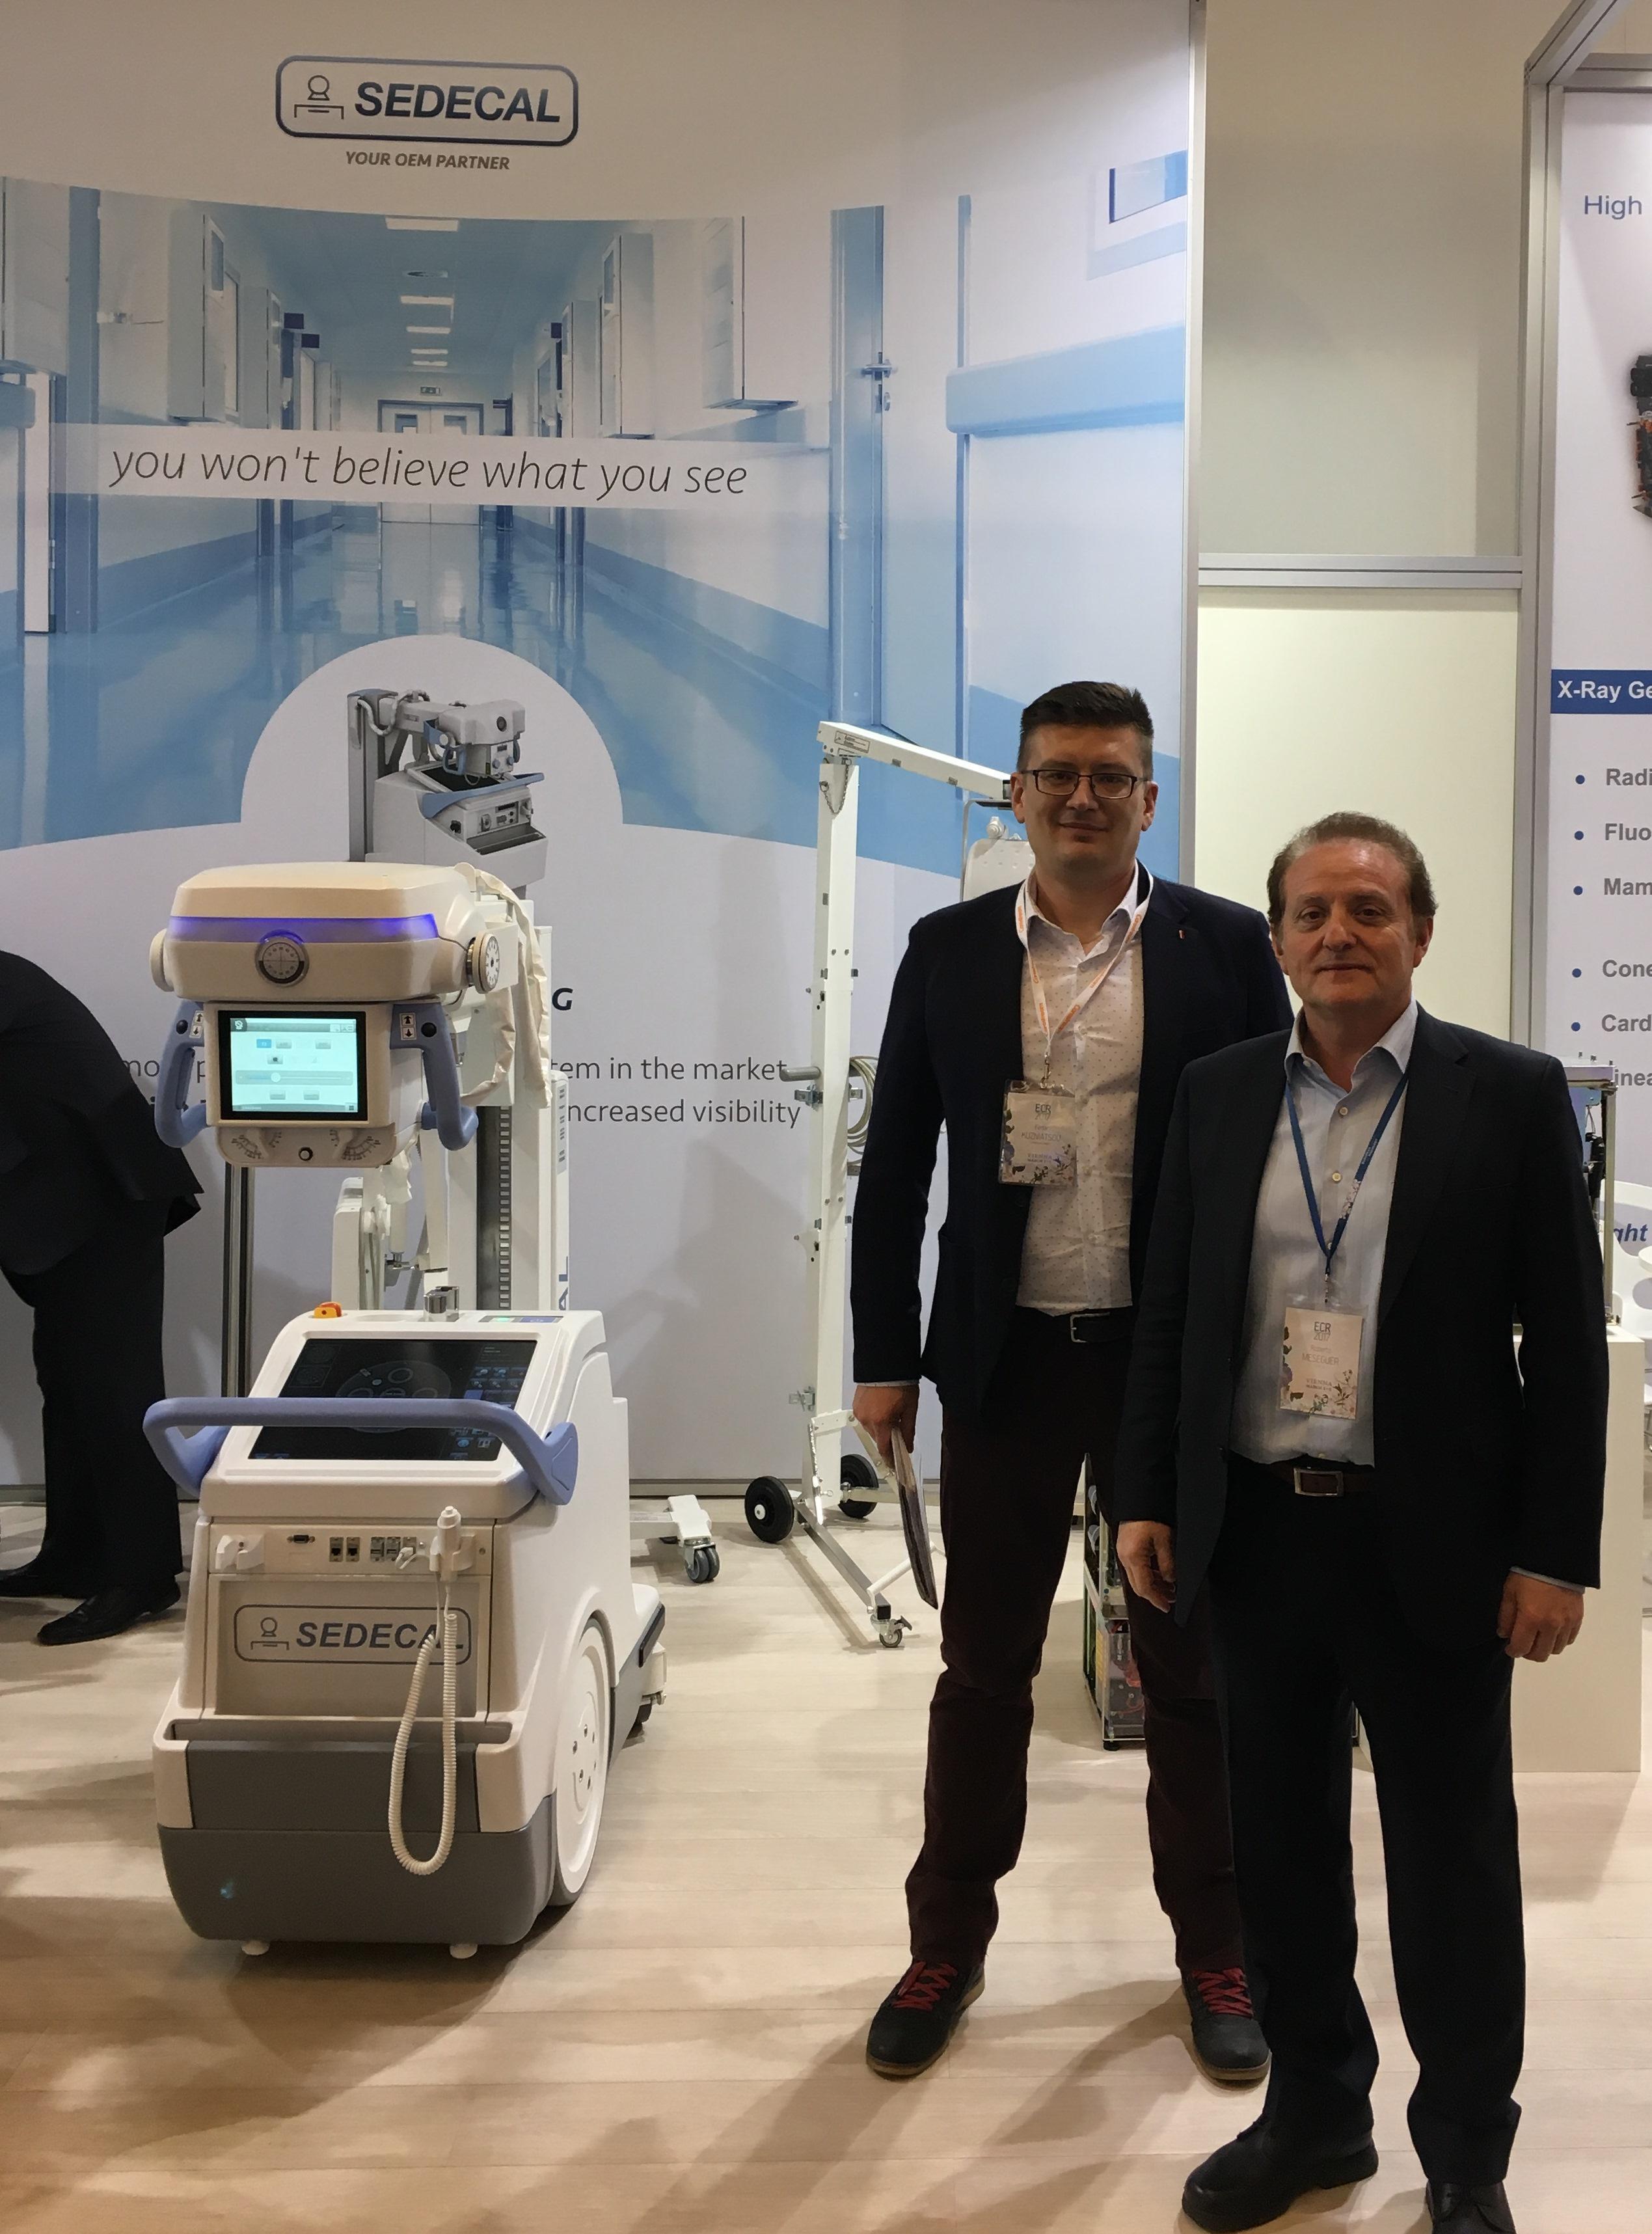 Прекрасные рентгеновские генераторы испанской компании Sedecal давно используются в Беларуси